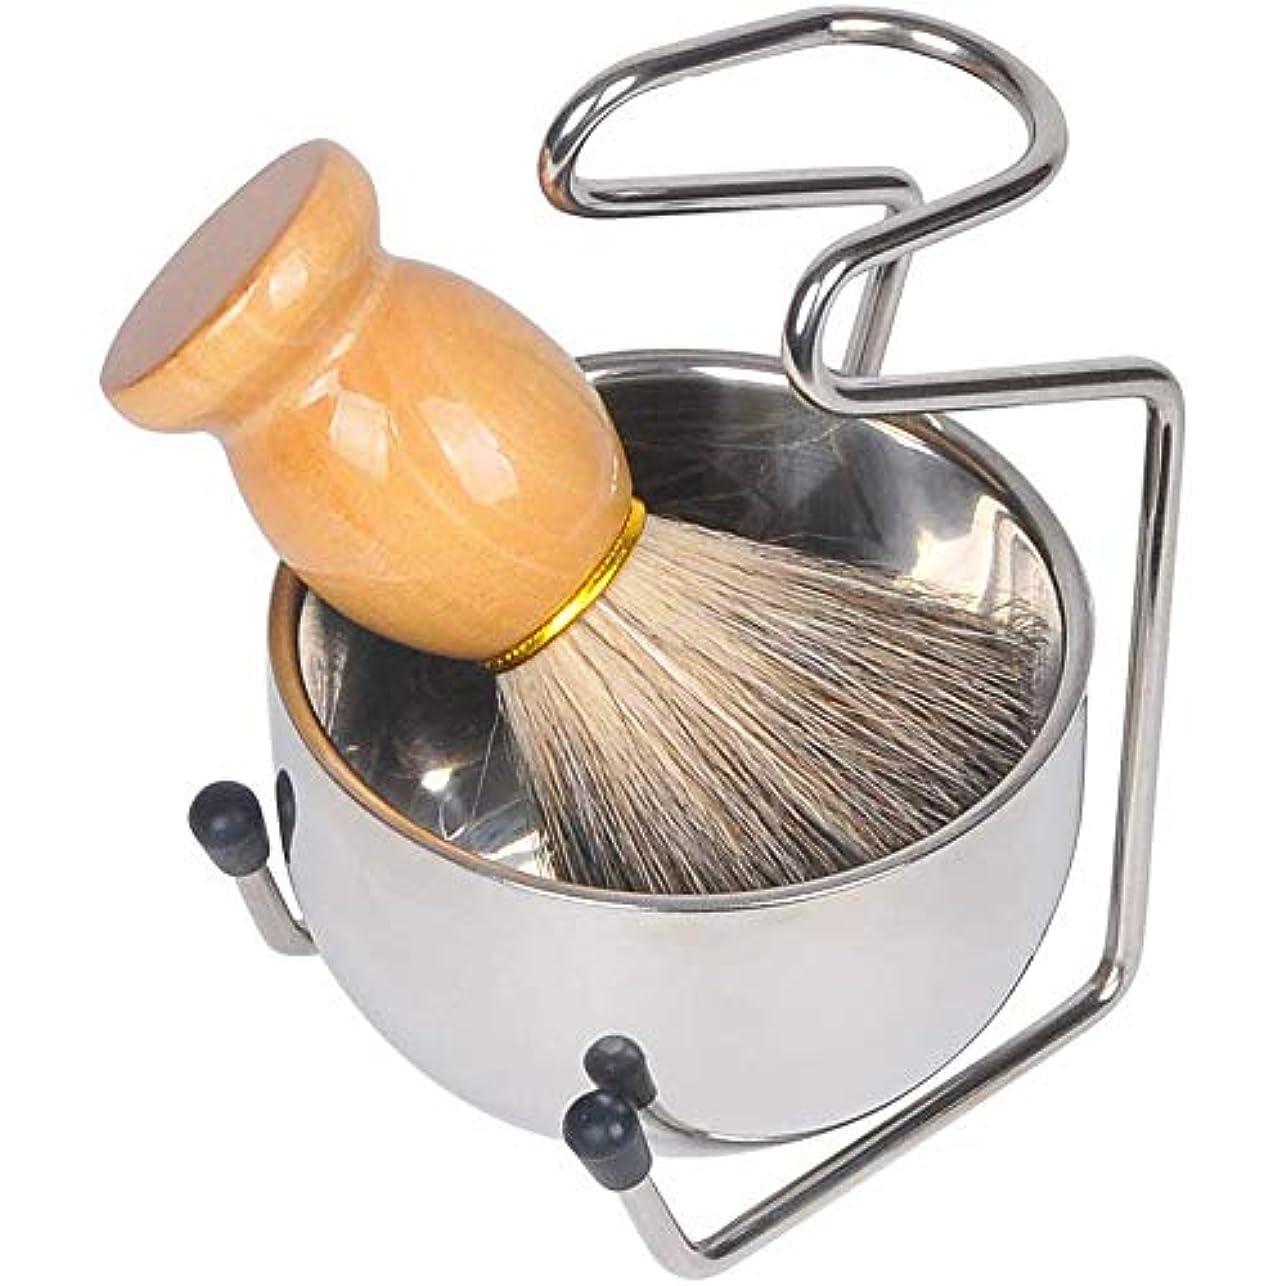 きゅうりのホスト要求3点セット ひげブラシ シェービング石鹸ボウルシェービングブラシセット洗顔ブラシ メンズ 理容 髭剃り 泡立ち毛